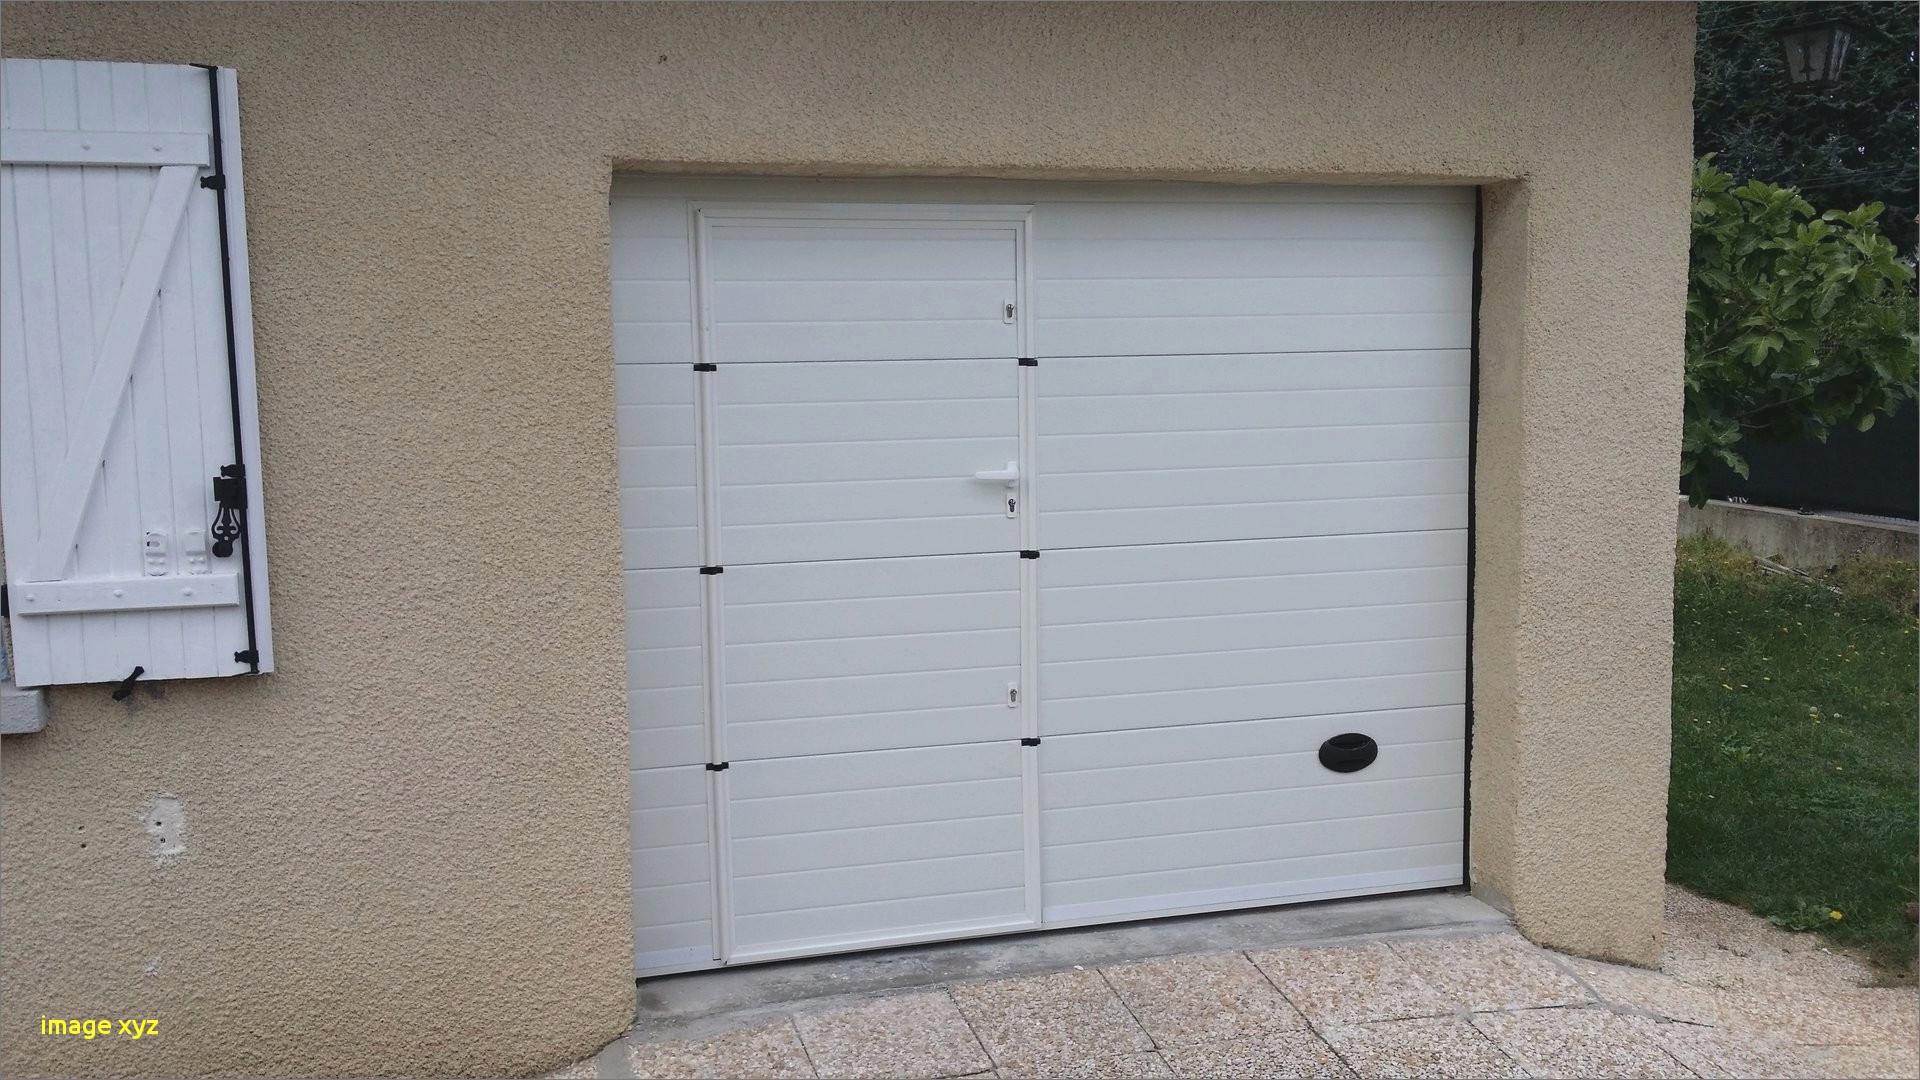 porte de garage enroulable brico depot  boisecoconceptfr